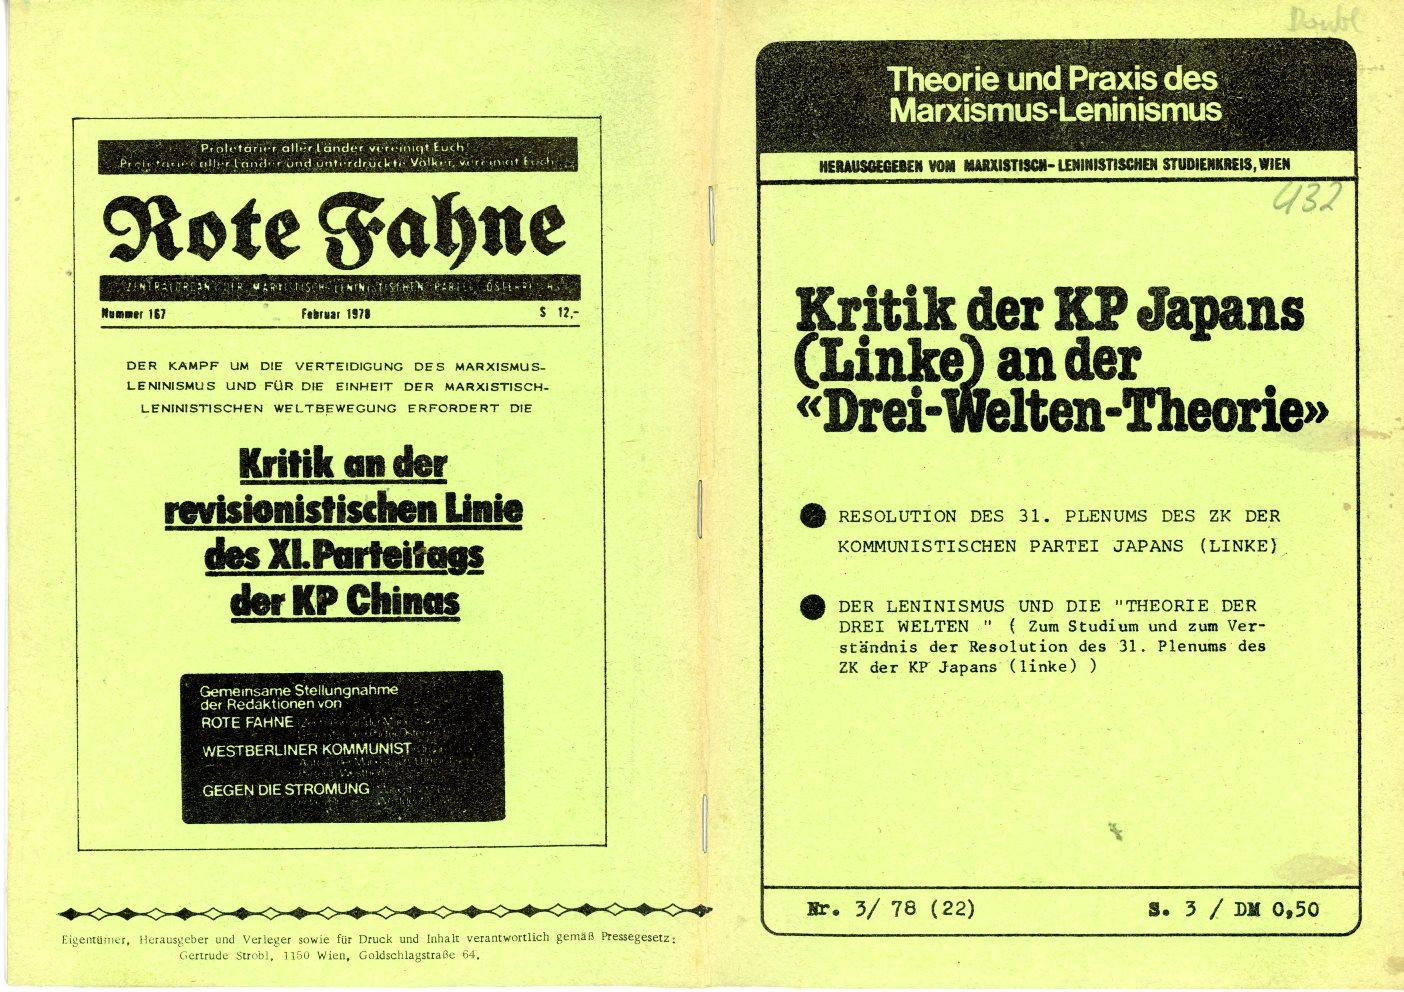 MLSK_Theorie_und_Praxis_des_ML_1978_22_01